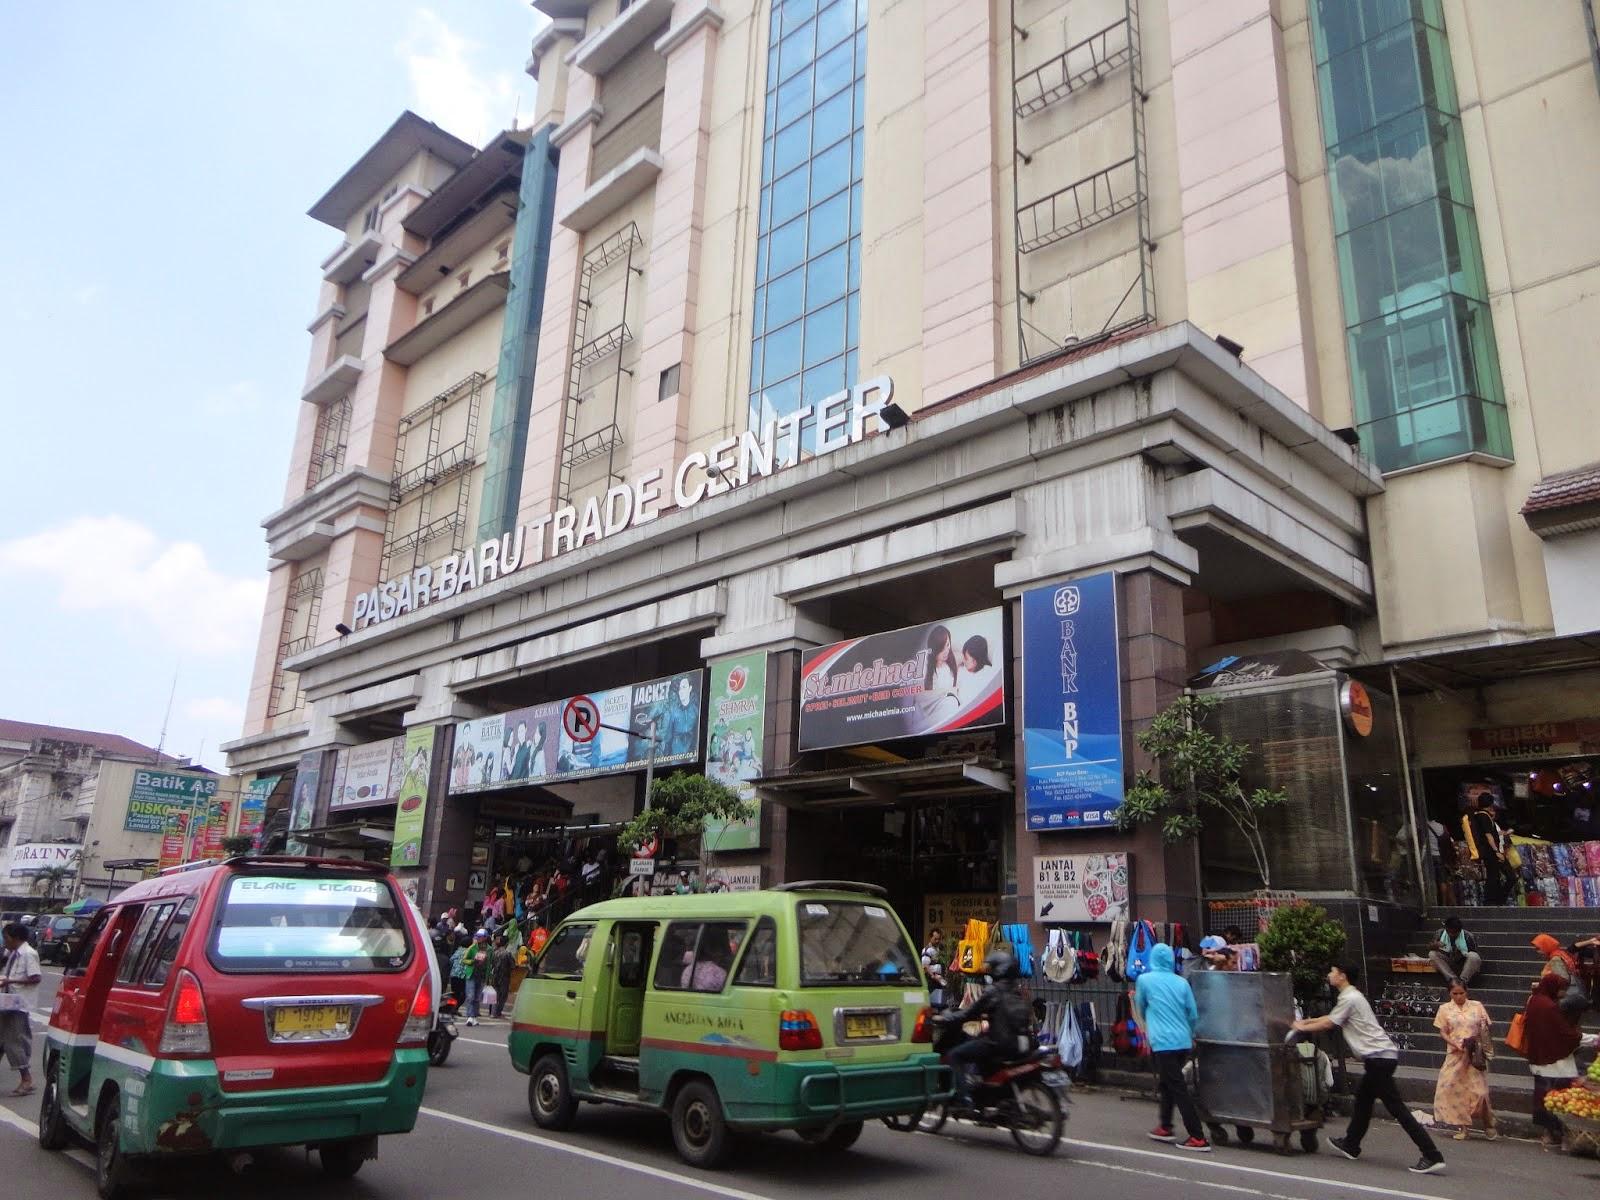 Tempat Wisata Di Bandung 7 Tempat Wisata Belanja Di